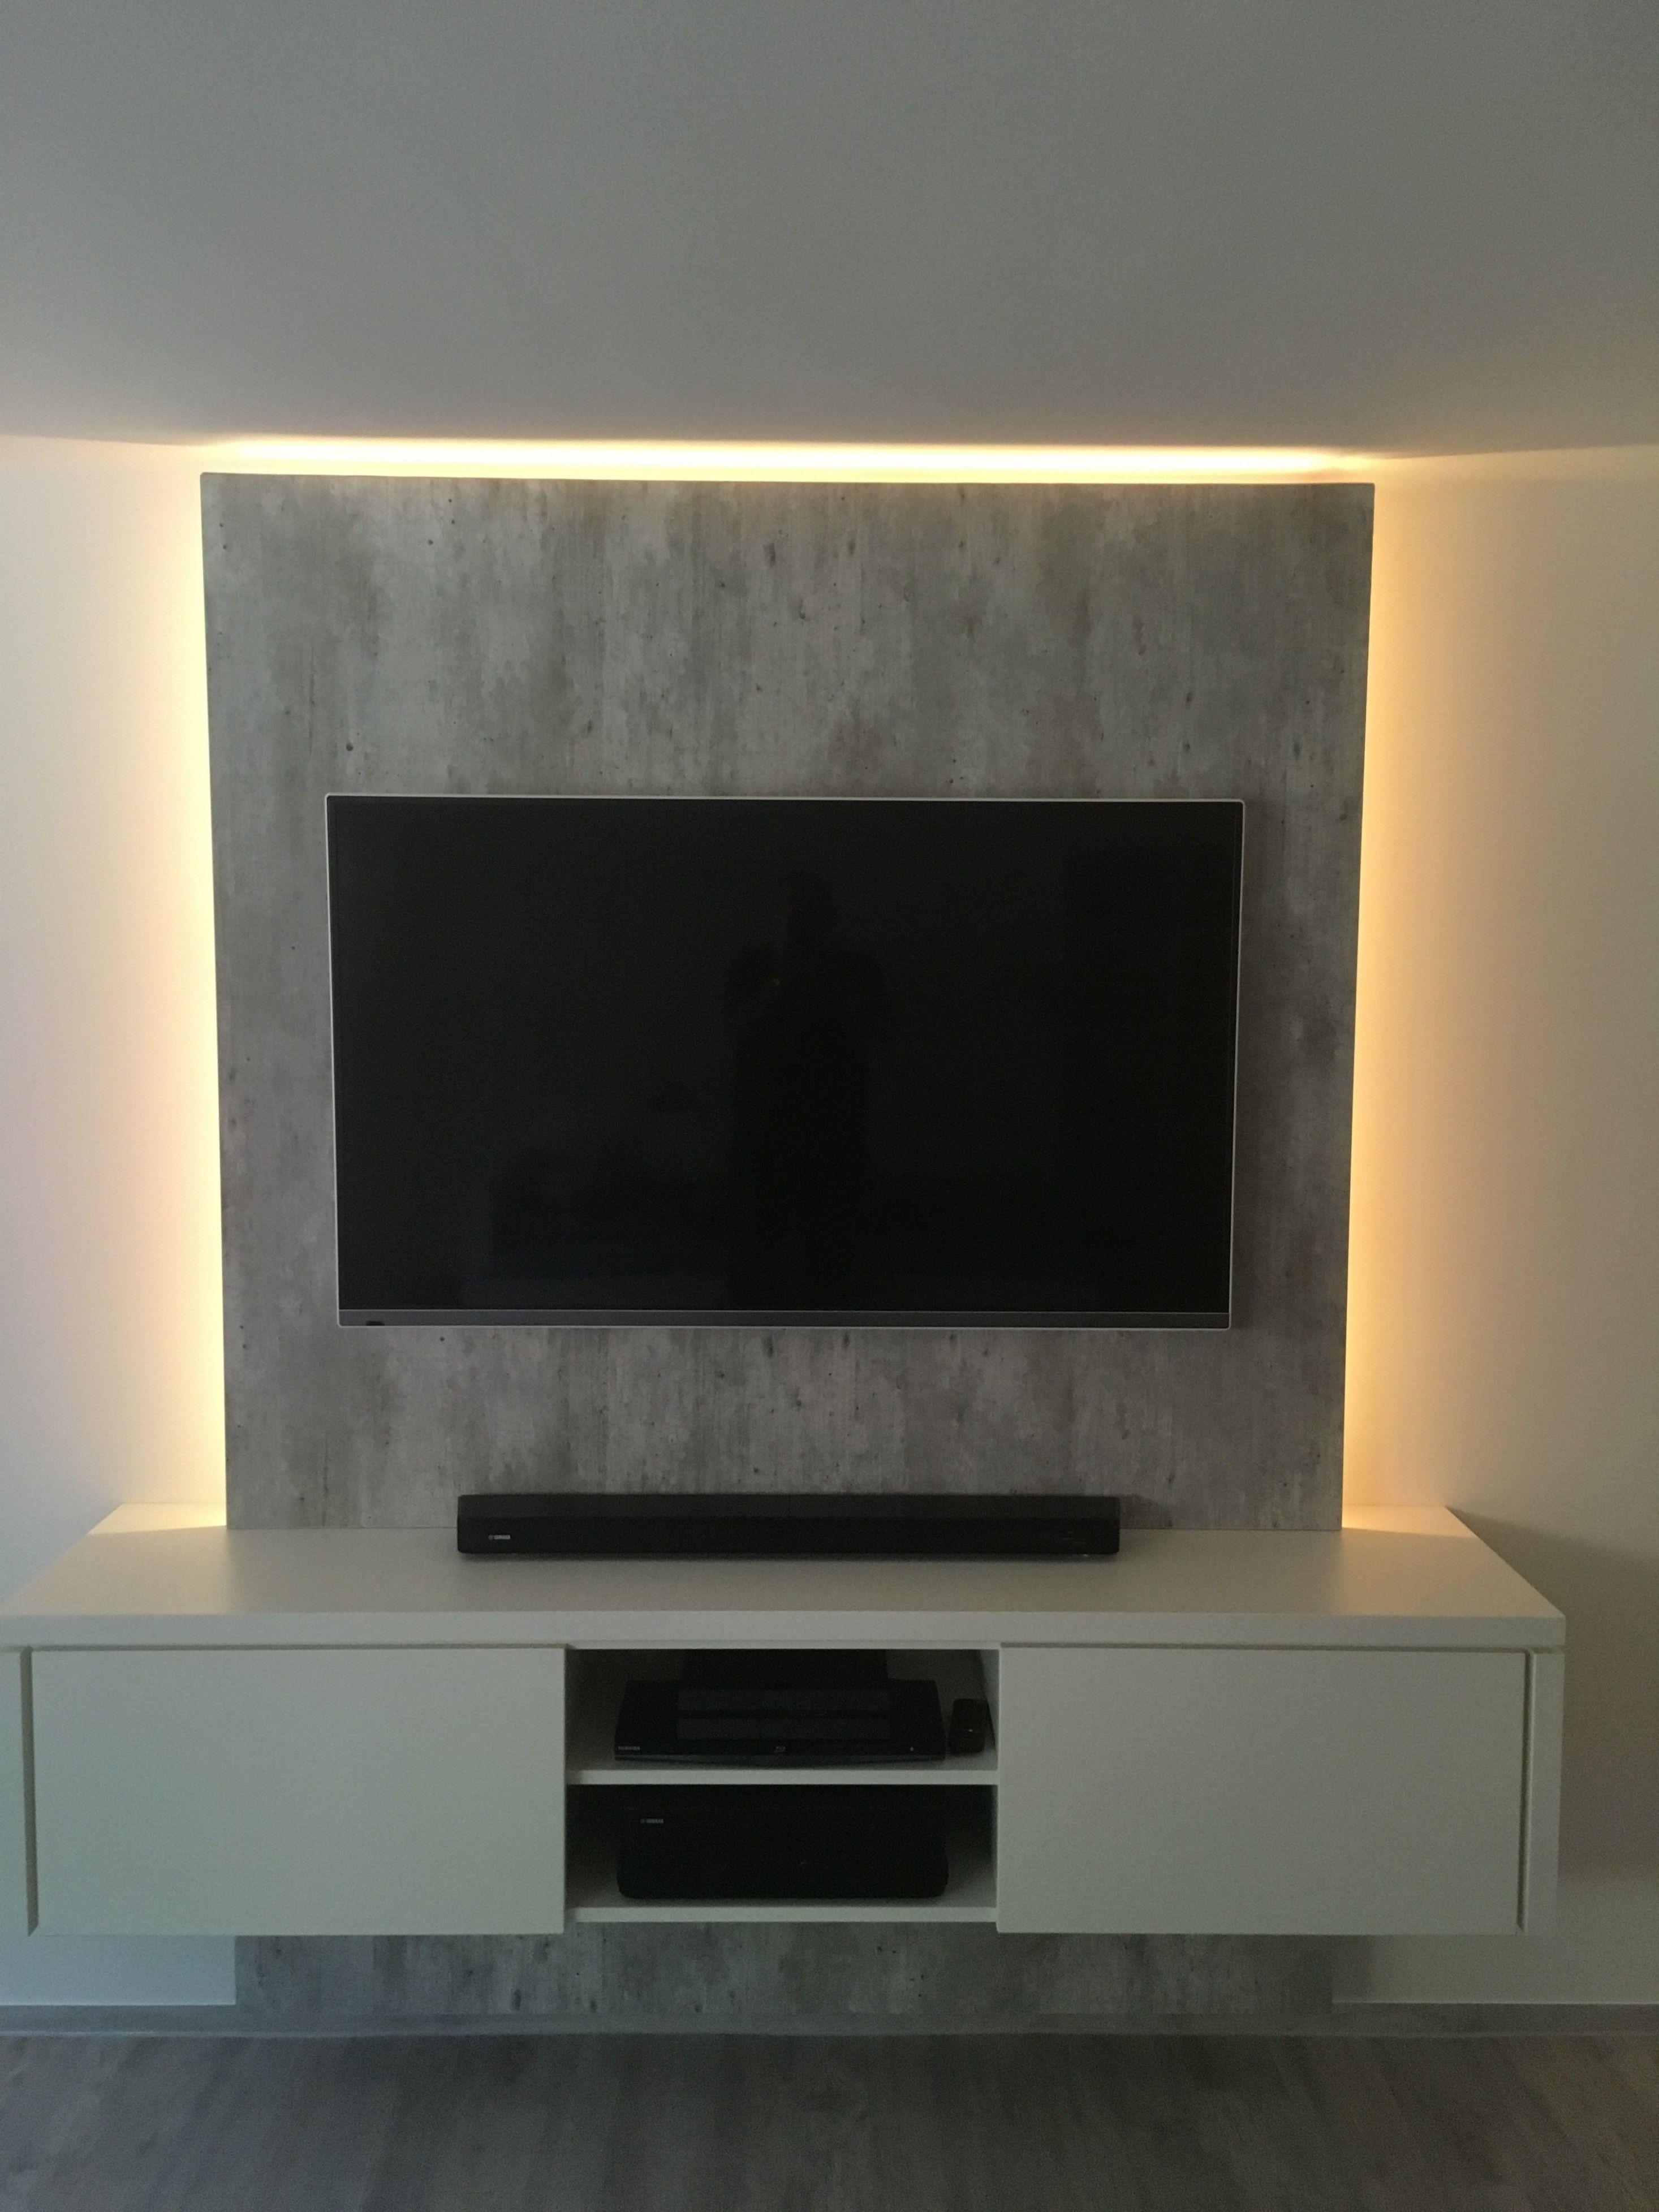 Schlafzimmer Ideen Mit Fernseher In 2020 Tv Wand Wohnzimmer Betonoptik Fernsehzimmer